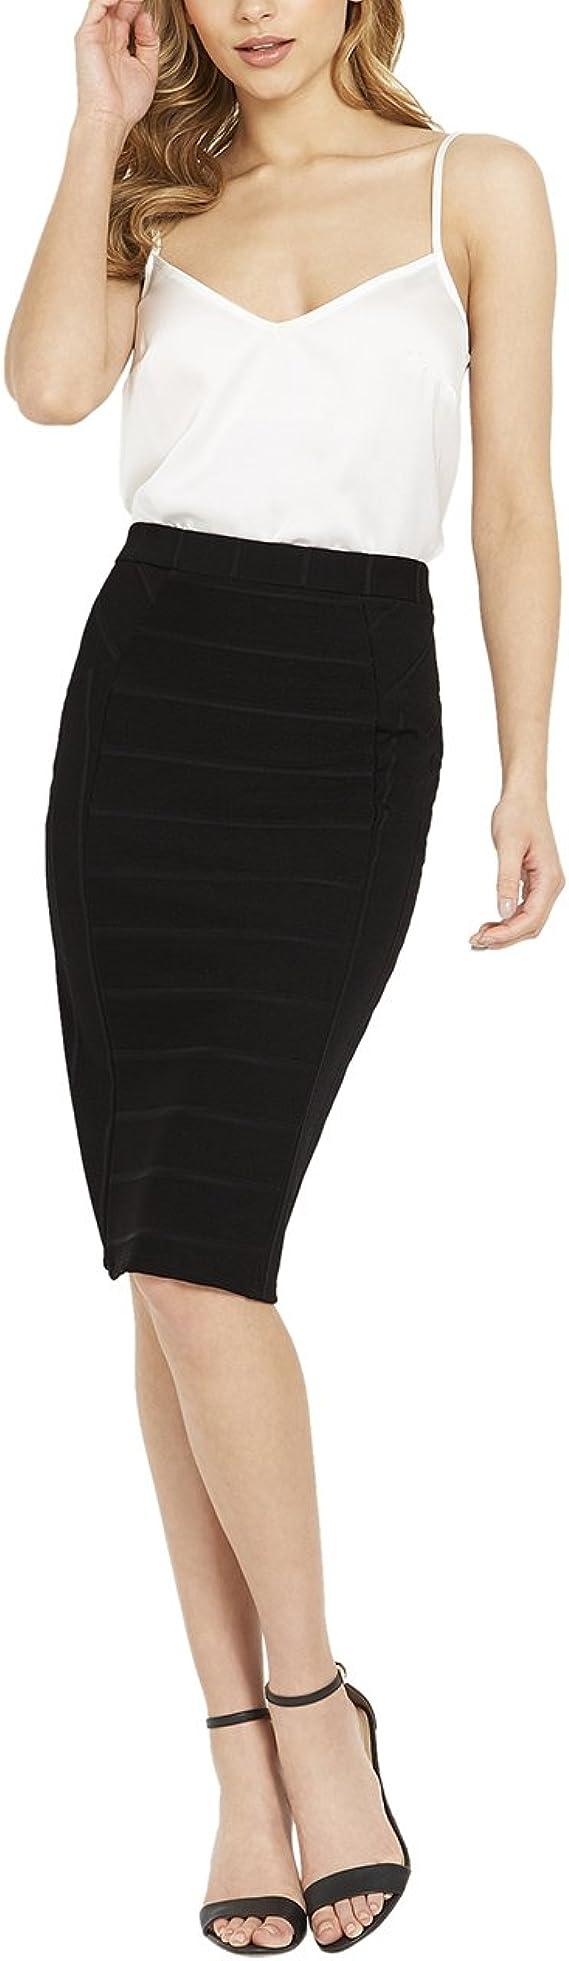 Lipsy Mujer Falda Ceñida Negro 46: Amazon.es: Ropa y accesorios